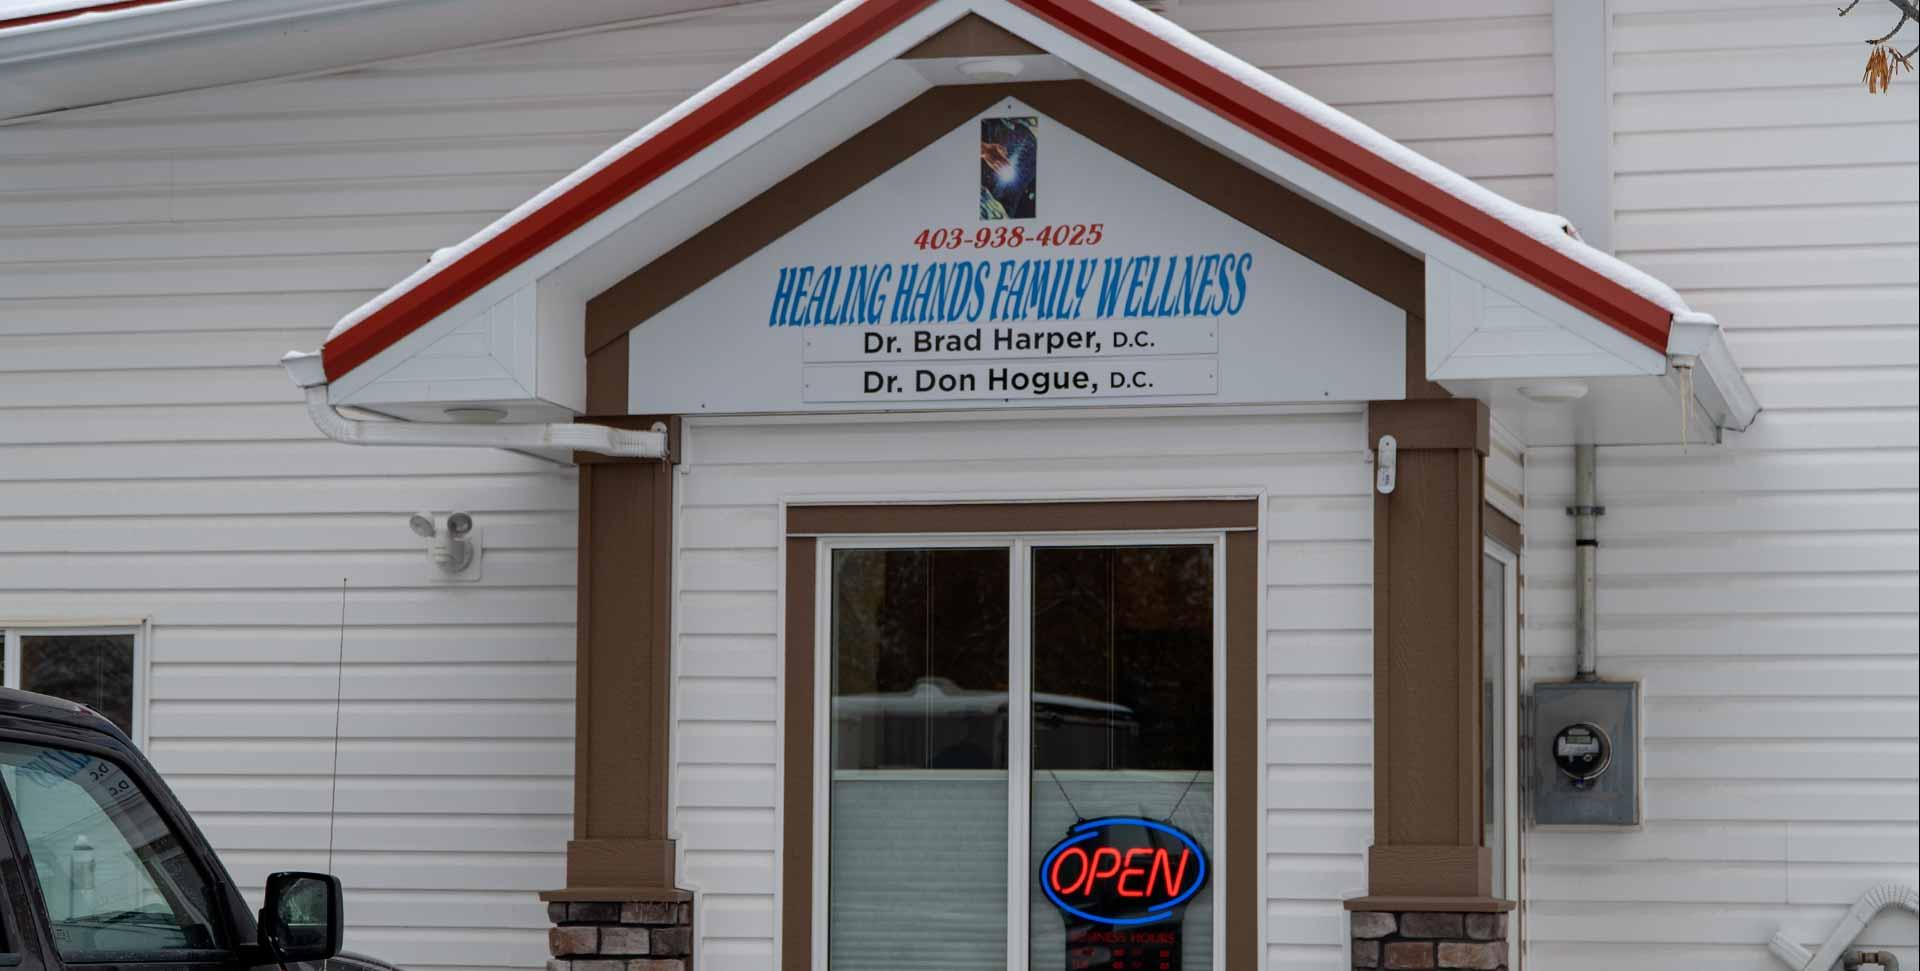 Healing Hands Wellness | Okotoks Chiropractor | Exterior Entrance